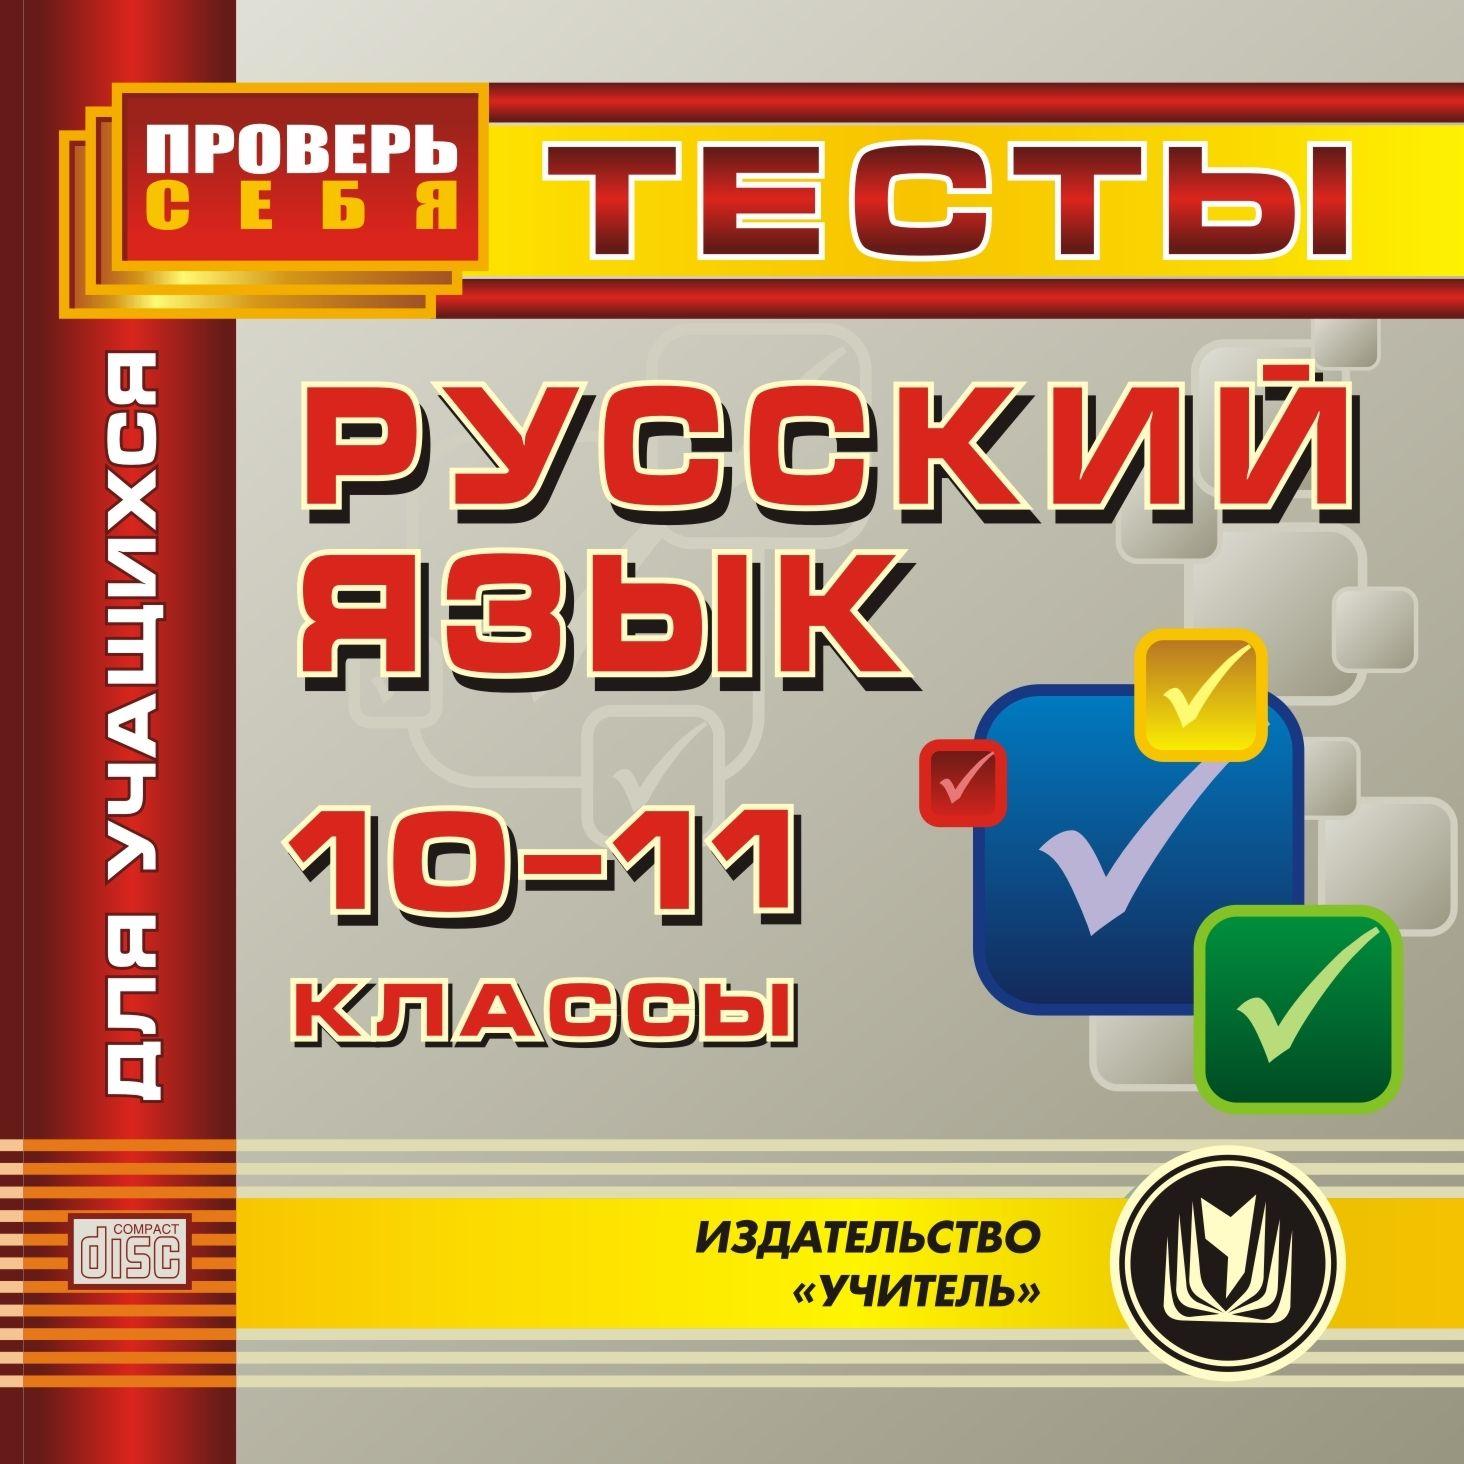 Русский язык. 10-11 кл. Тесты для учащихся. Компакт-диск для компьютераСредняя школа<br>В данном электронном пособии Русский язык. 10-11 классы. Тесты для учащихся содержится ряд тестов, составленных в соответствии со стандартами средней общеобразовательной школы. Пособие создано в помощь в помощь учащимся 10-11 классов, а также поступающи...<br><br>Авторы: др., Шарова Н. А., Божко Н. М.<br>Год: 2012<br>Серия: Проверь себя<br>Высота: 125<br>Ширина: 141<br>Толщина: 10